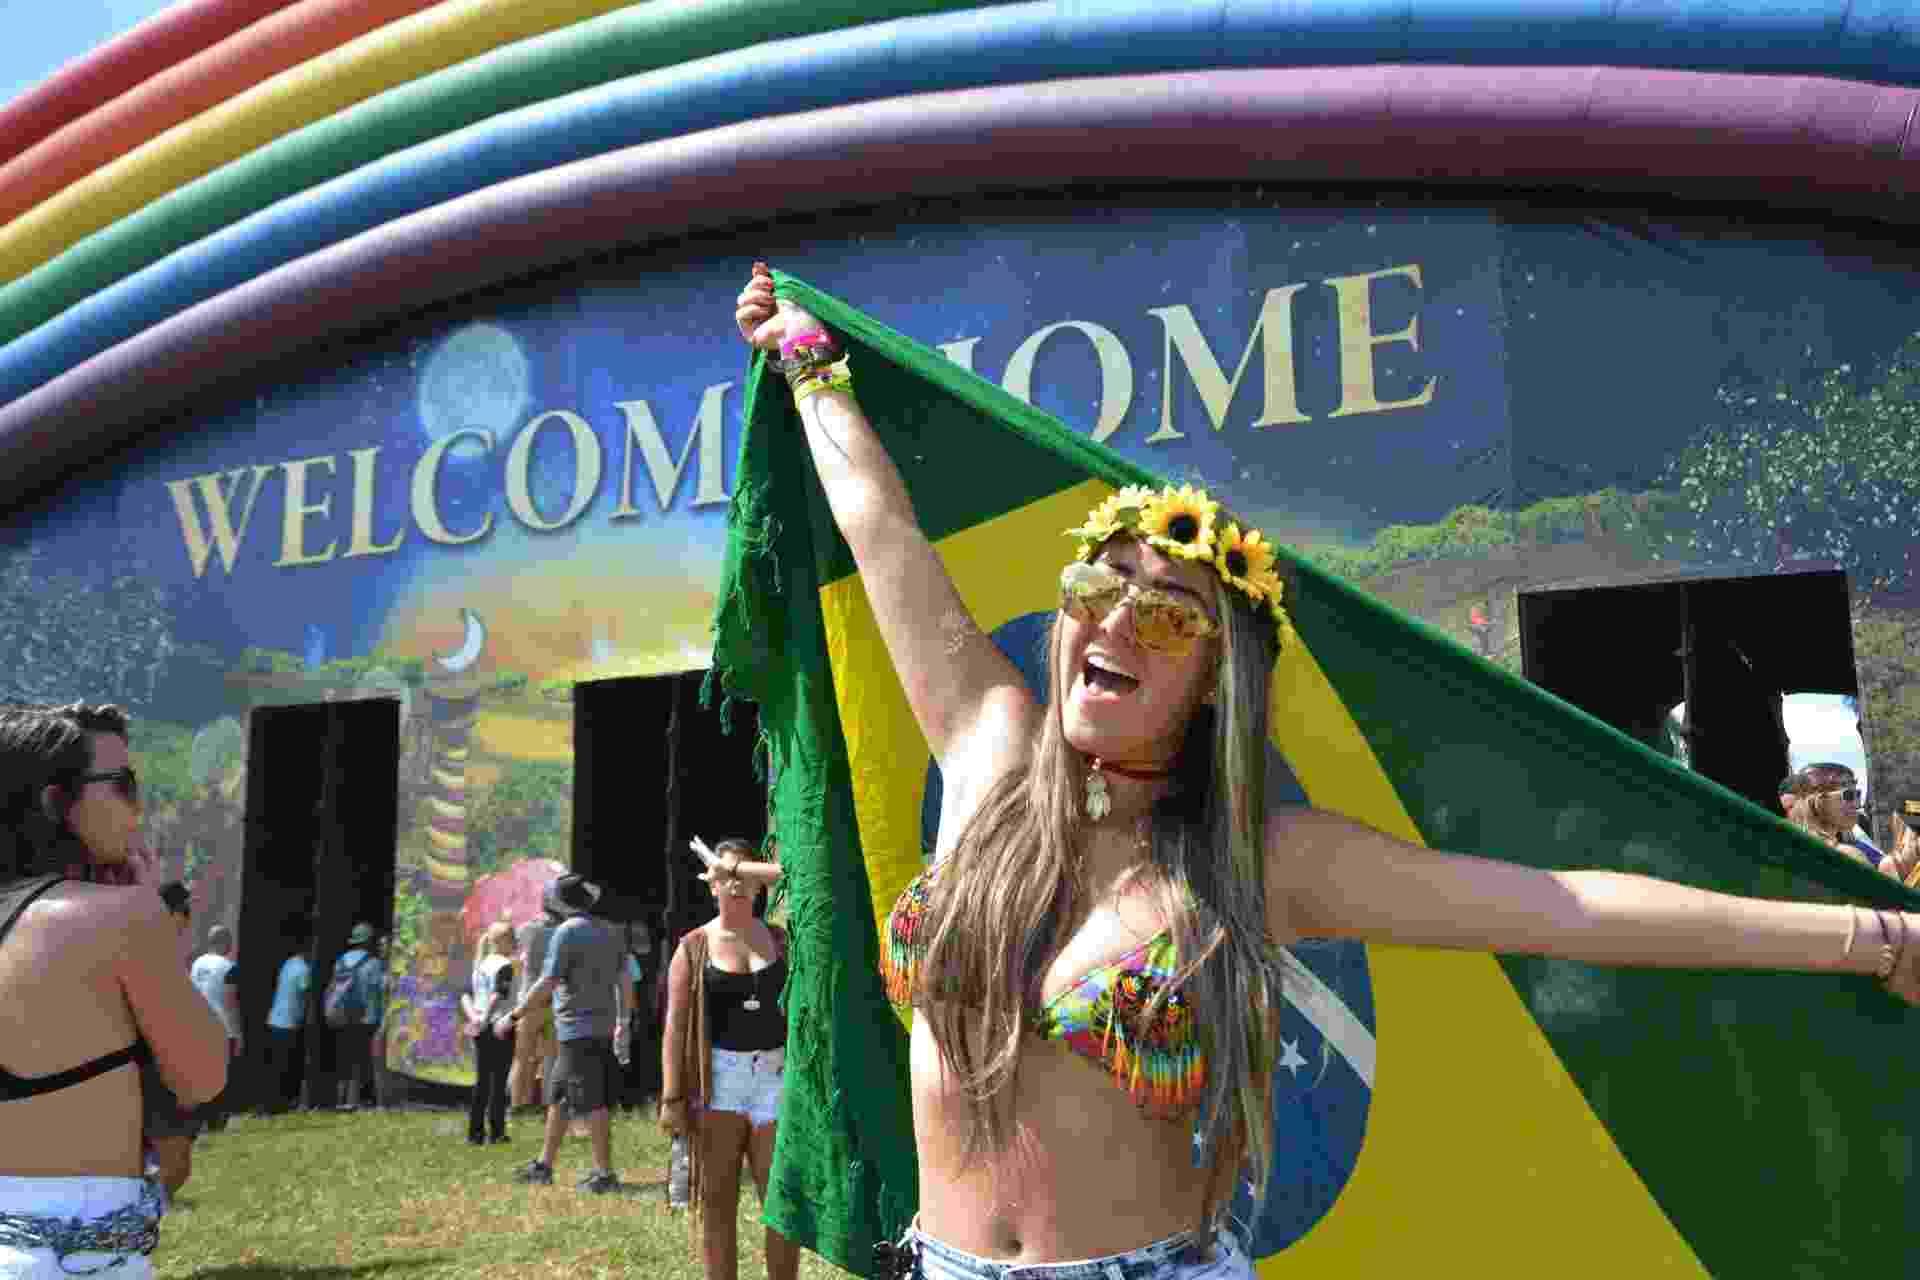 21.abr.2016 - Jovem comemora chegada no parque Maeda, em Itu, interior de São Paulo - Will Dias/Futura Press/Estadão Conteúdo